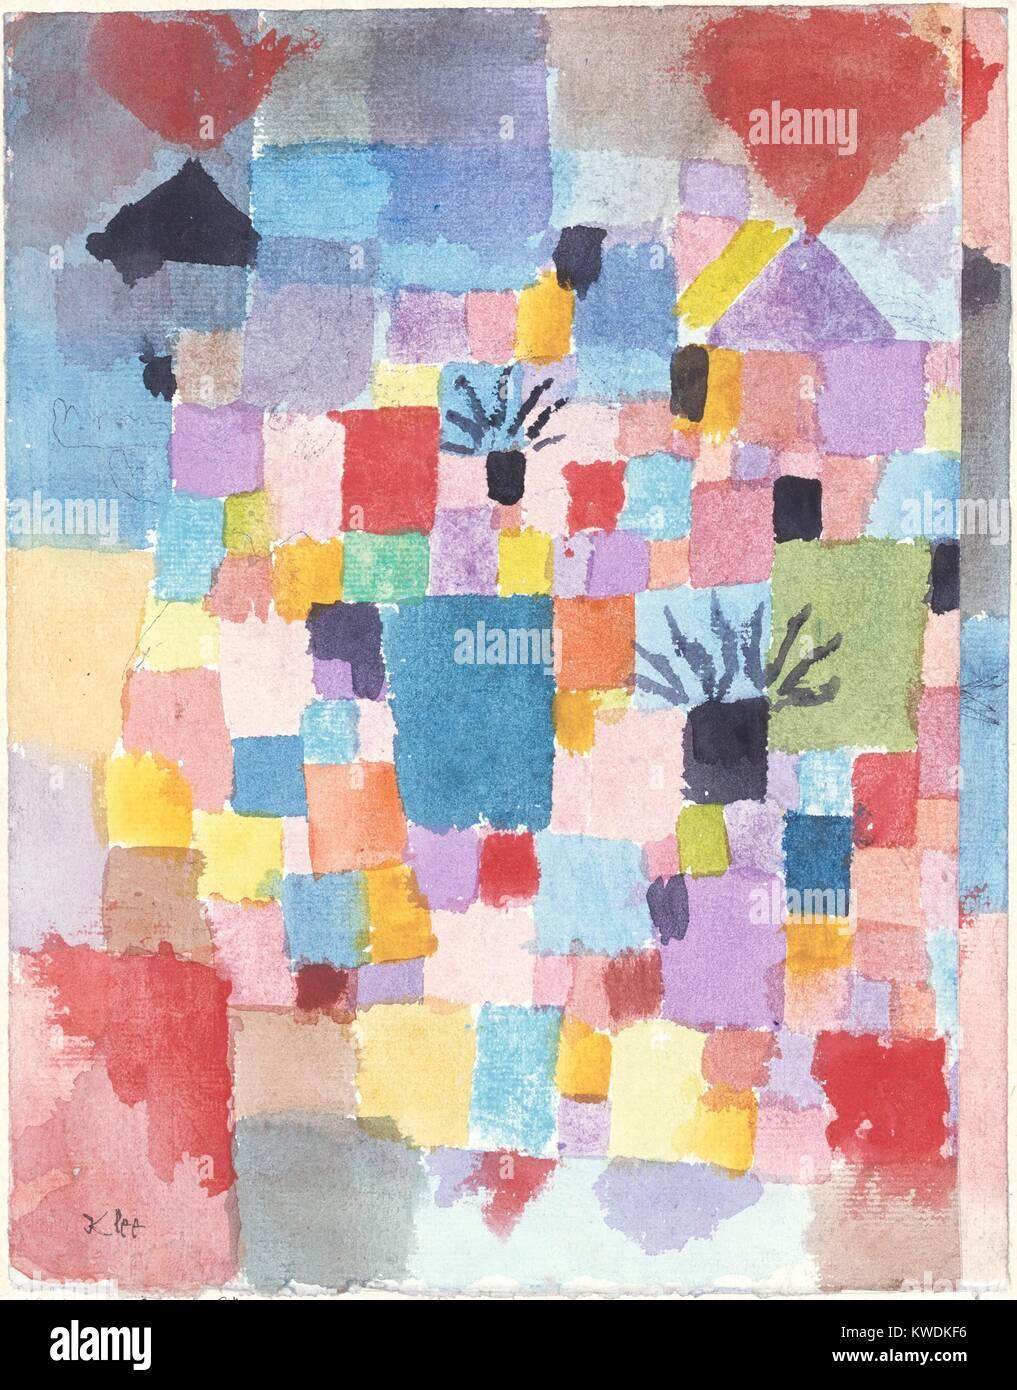 Giardini del sud, di Paul Klee, 1913, Swiss disegno, acquarello e inchiostro su carta. Questo primo lavoro astratto Immagini Stock